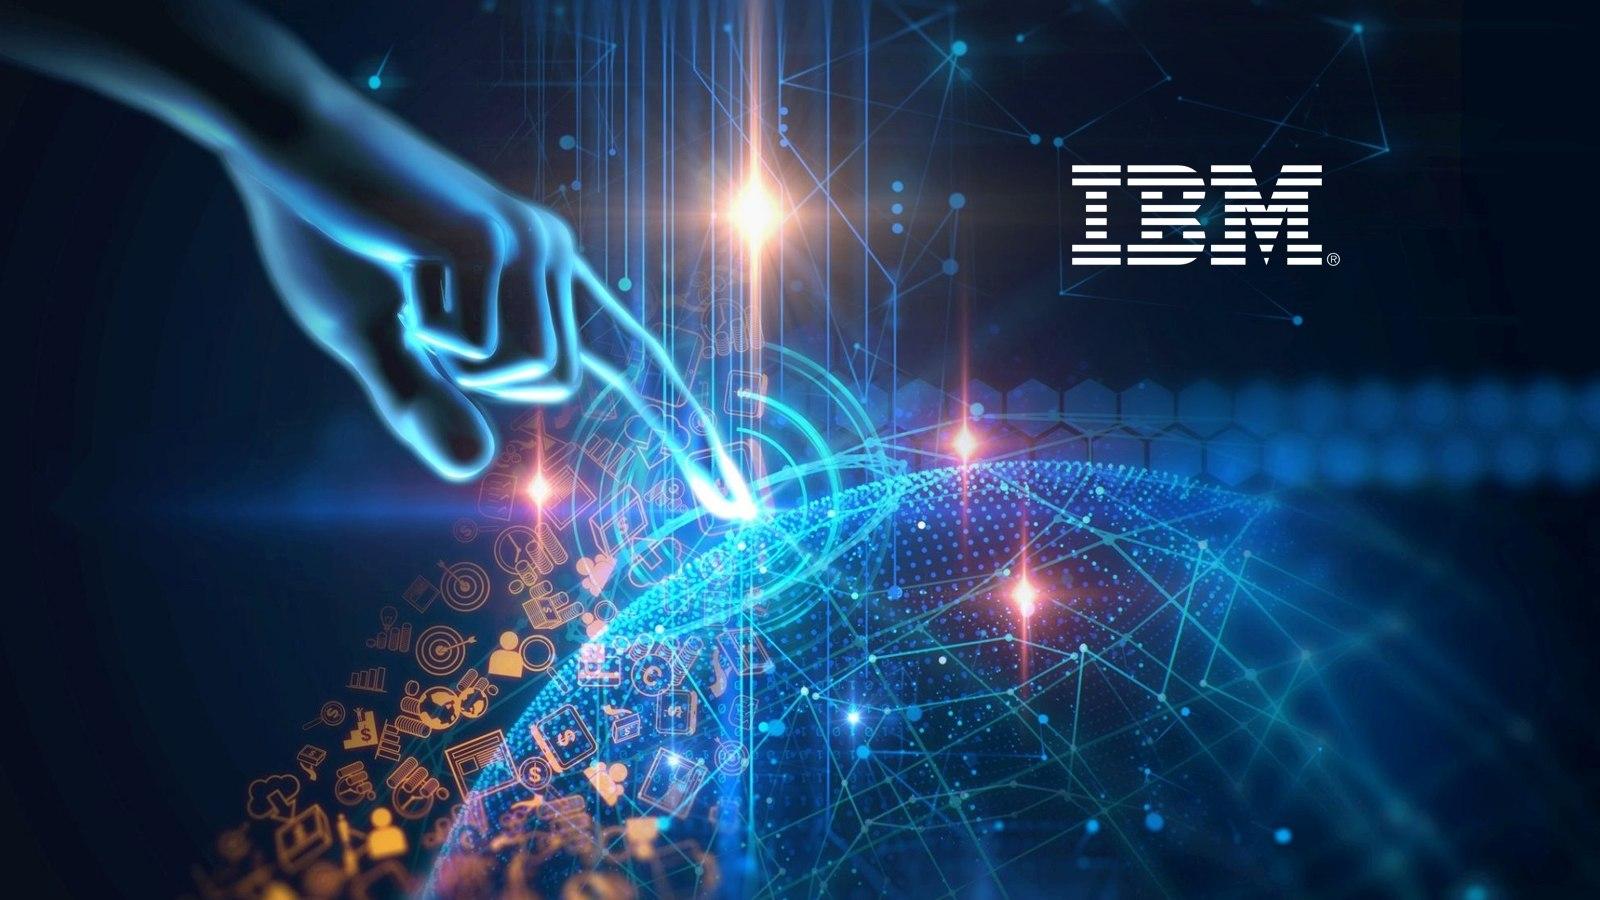 חברת IBM מציגה פתרון מבוסס בינה מלאכותית למעקב אחר תחזוקת מבנים